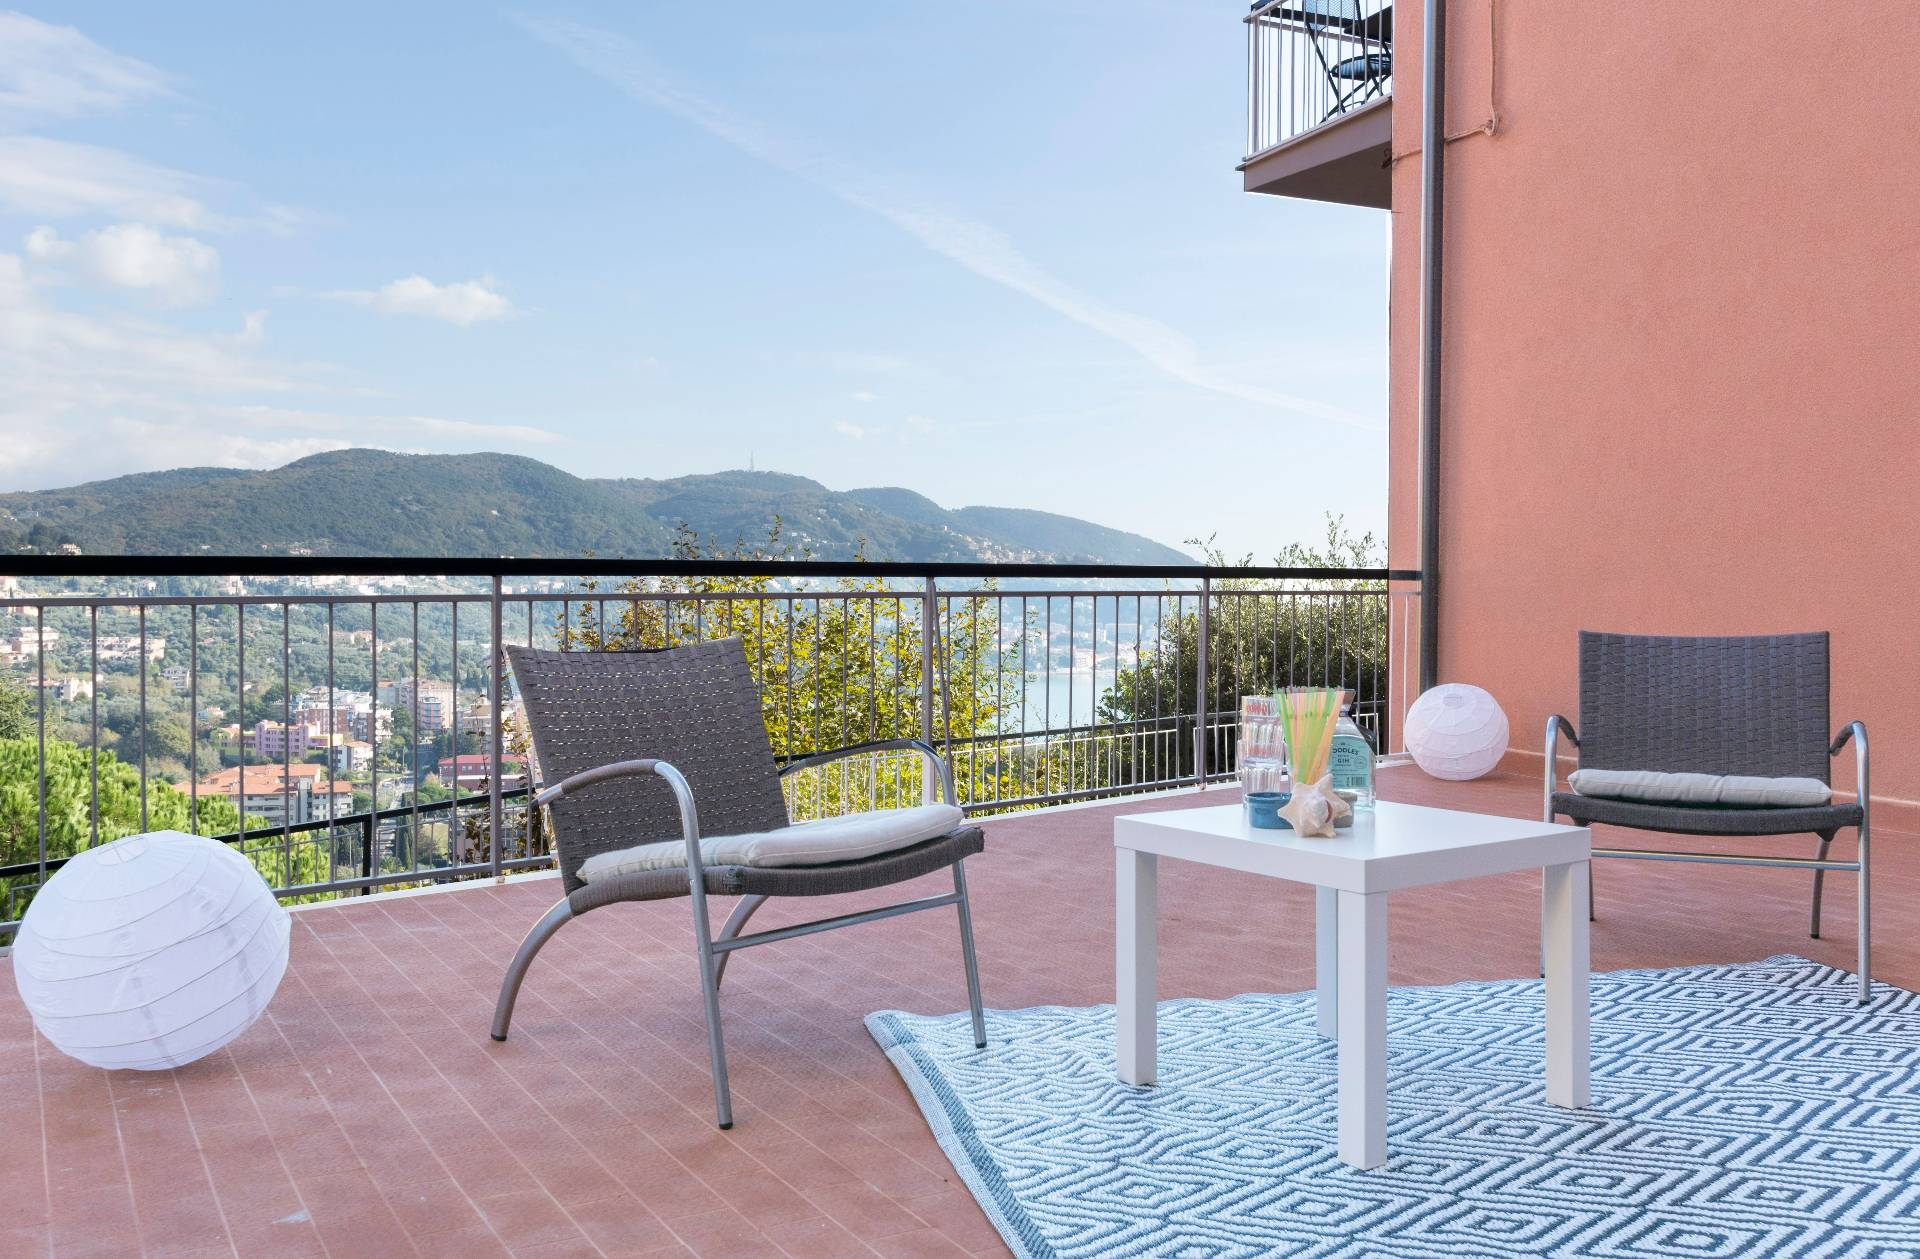 Appartamento in vendita a Lerici, 3 locali, zona uolo, prezzo € 235.000 | PortaleAgenzieImmobiliari.it